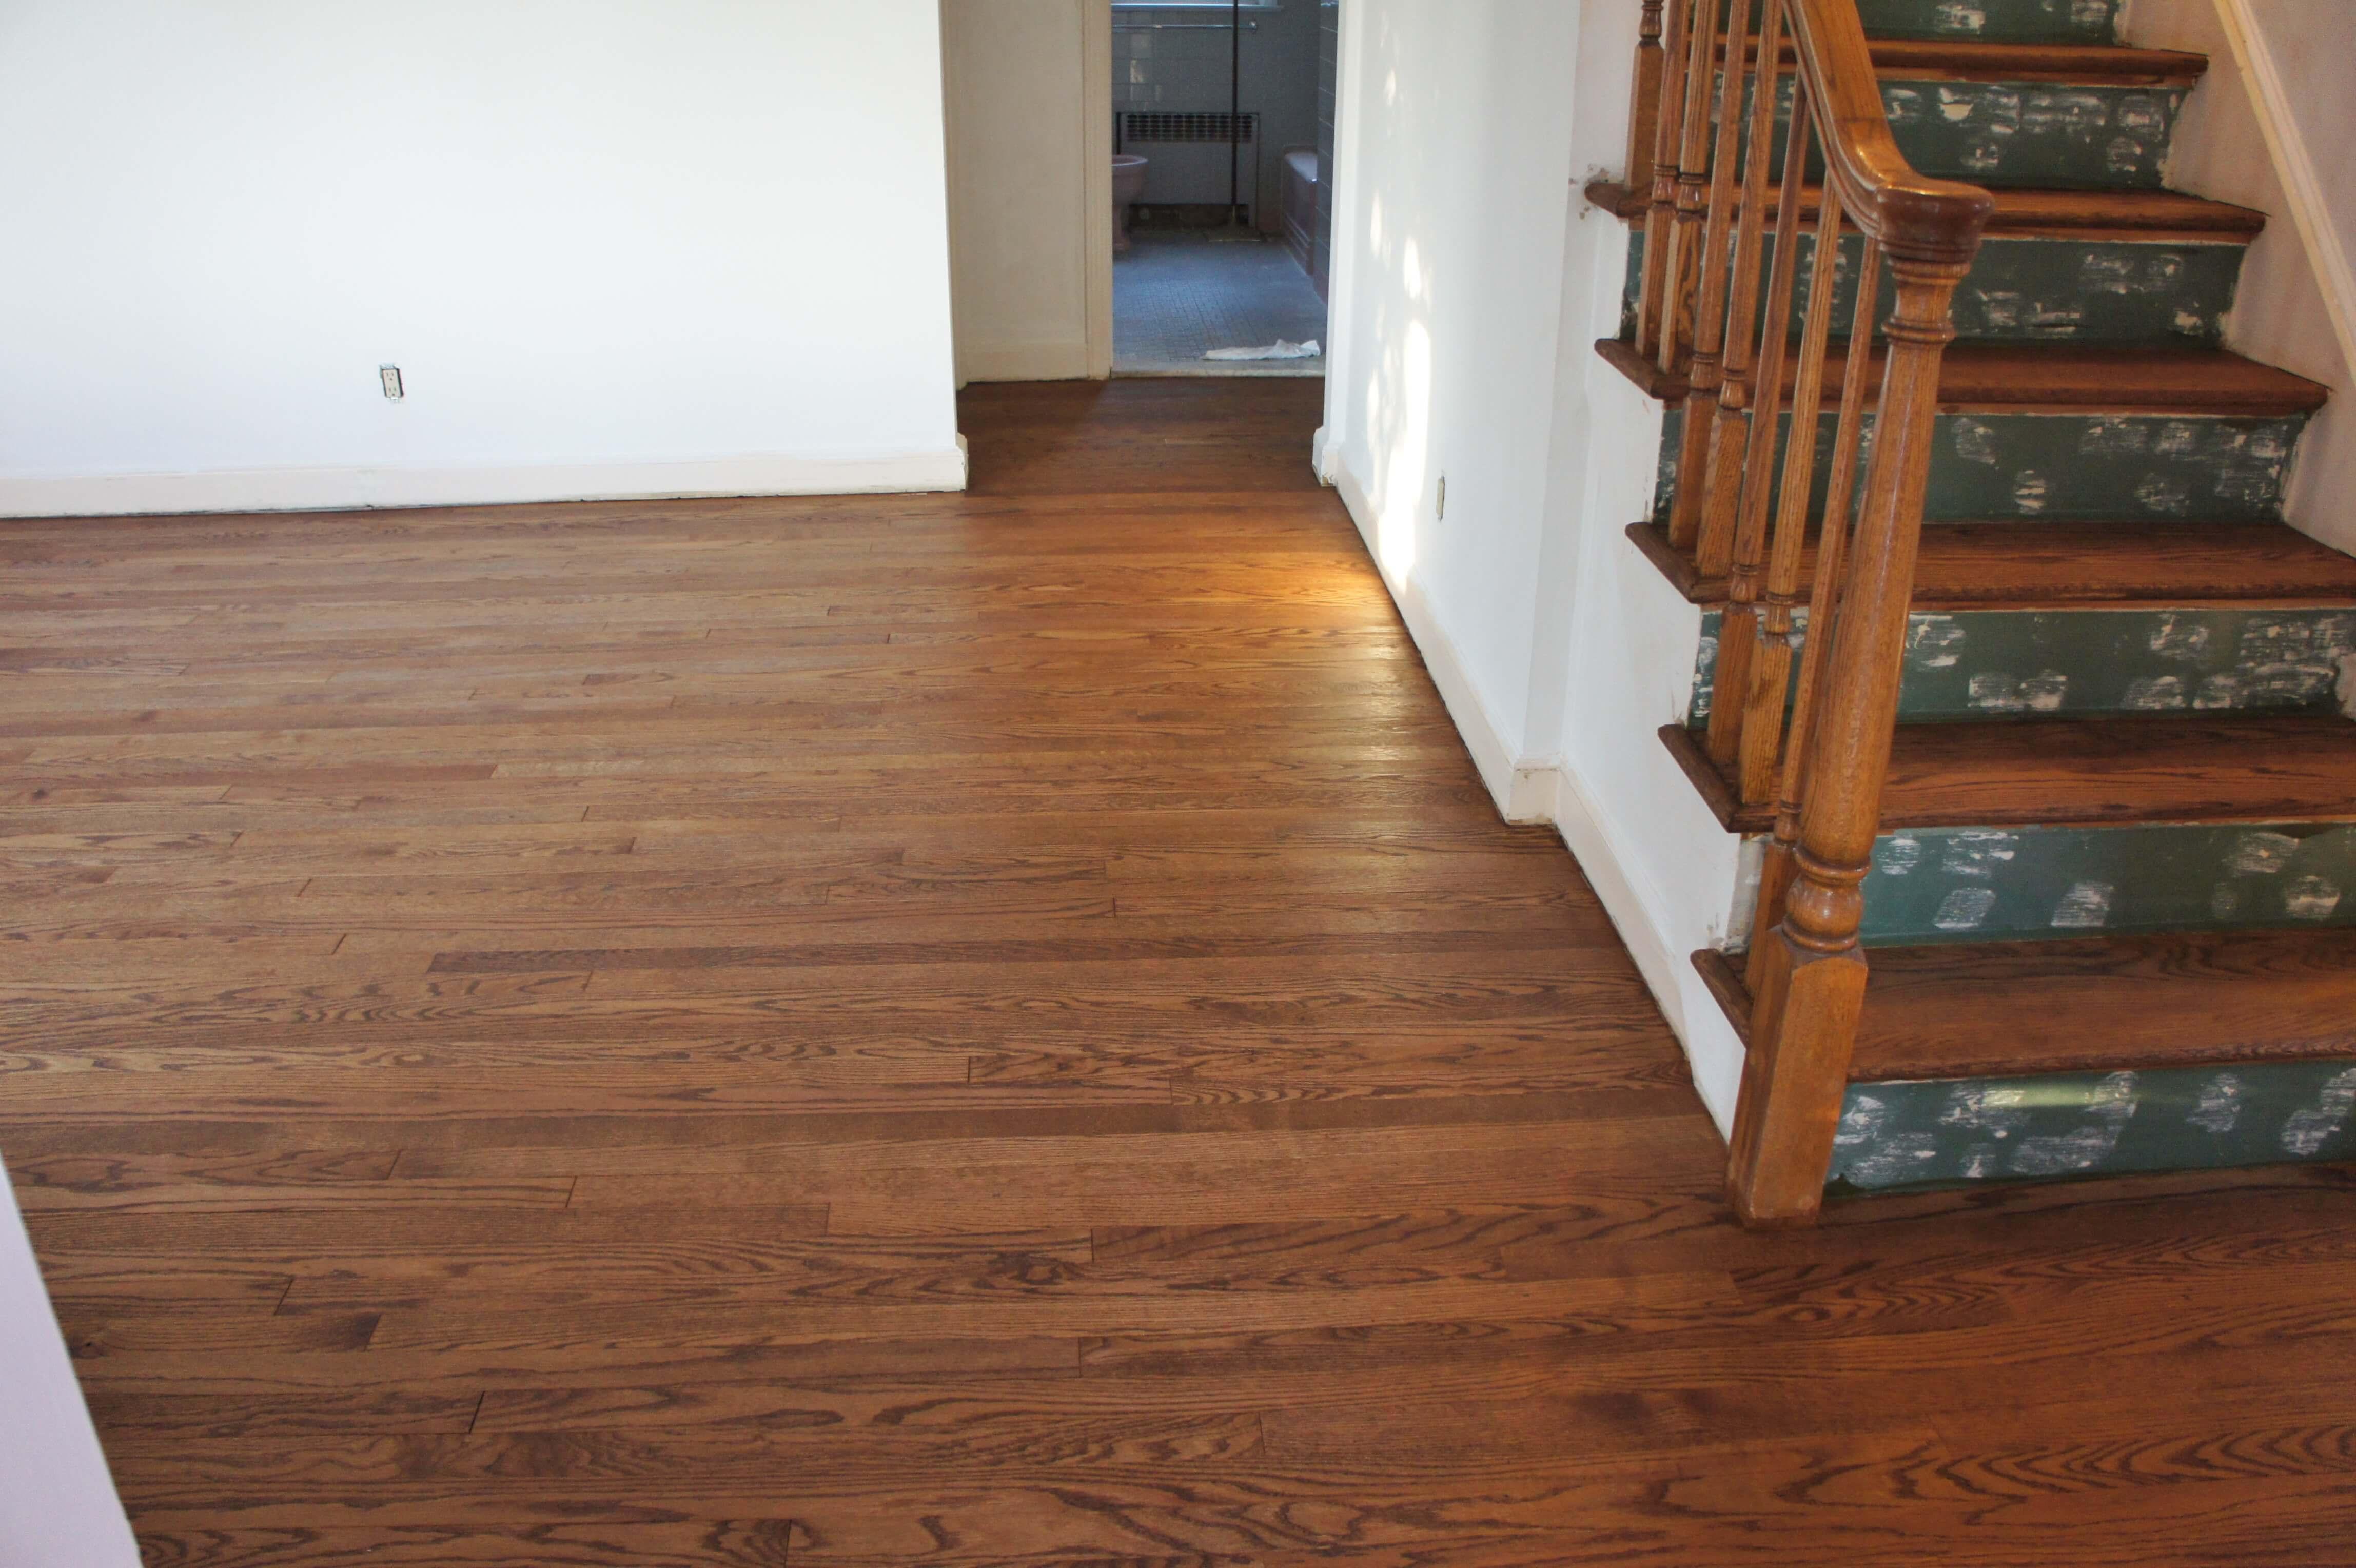 hardwood floor refinishing morris county nj of gallery keri wood floors with hardwood floor refinishing denvillie nj 07834